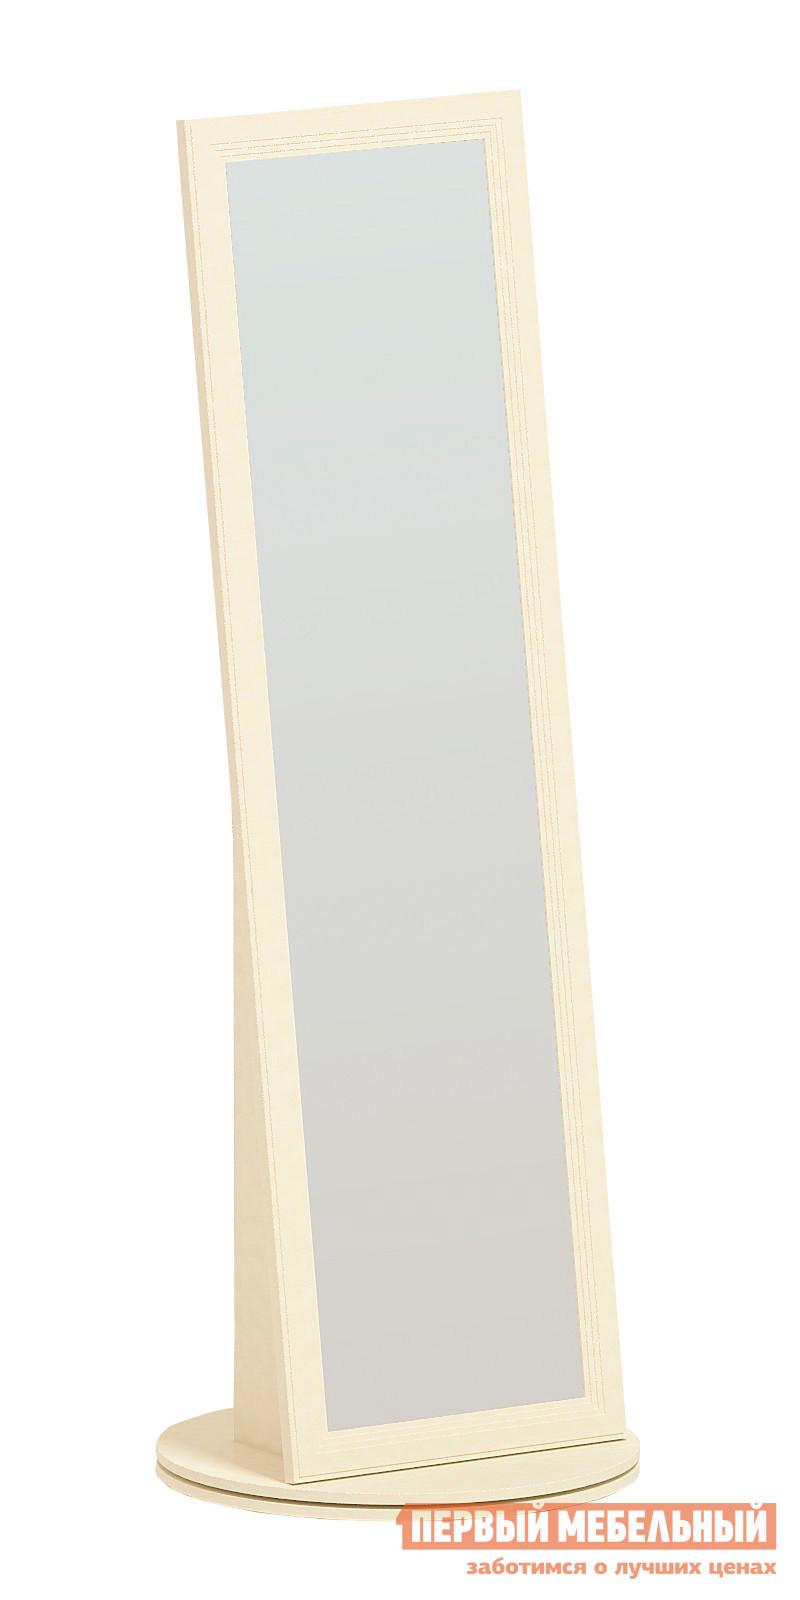 Напольное зеркало ТД Арника М17 настенное зеркало тд арника комфорт прихожая зеркало навесное 35